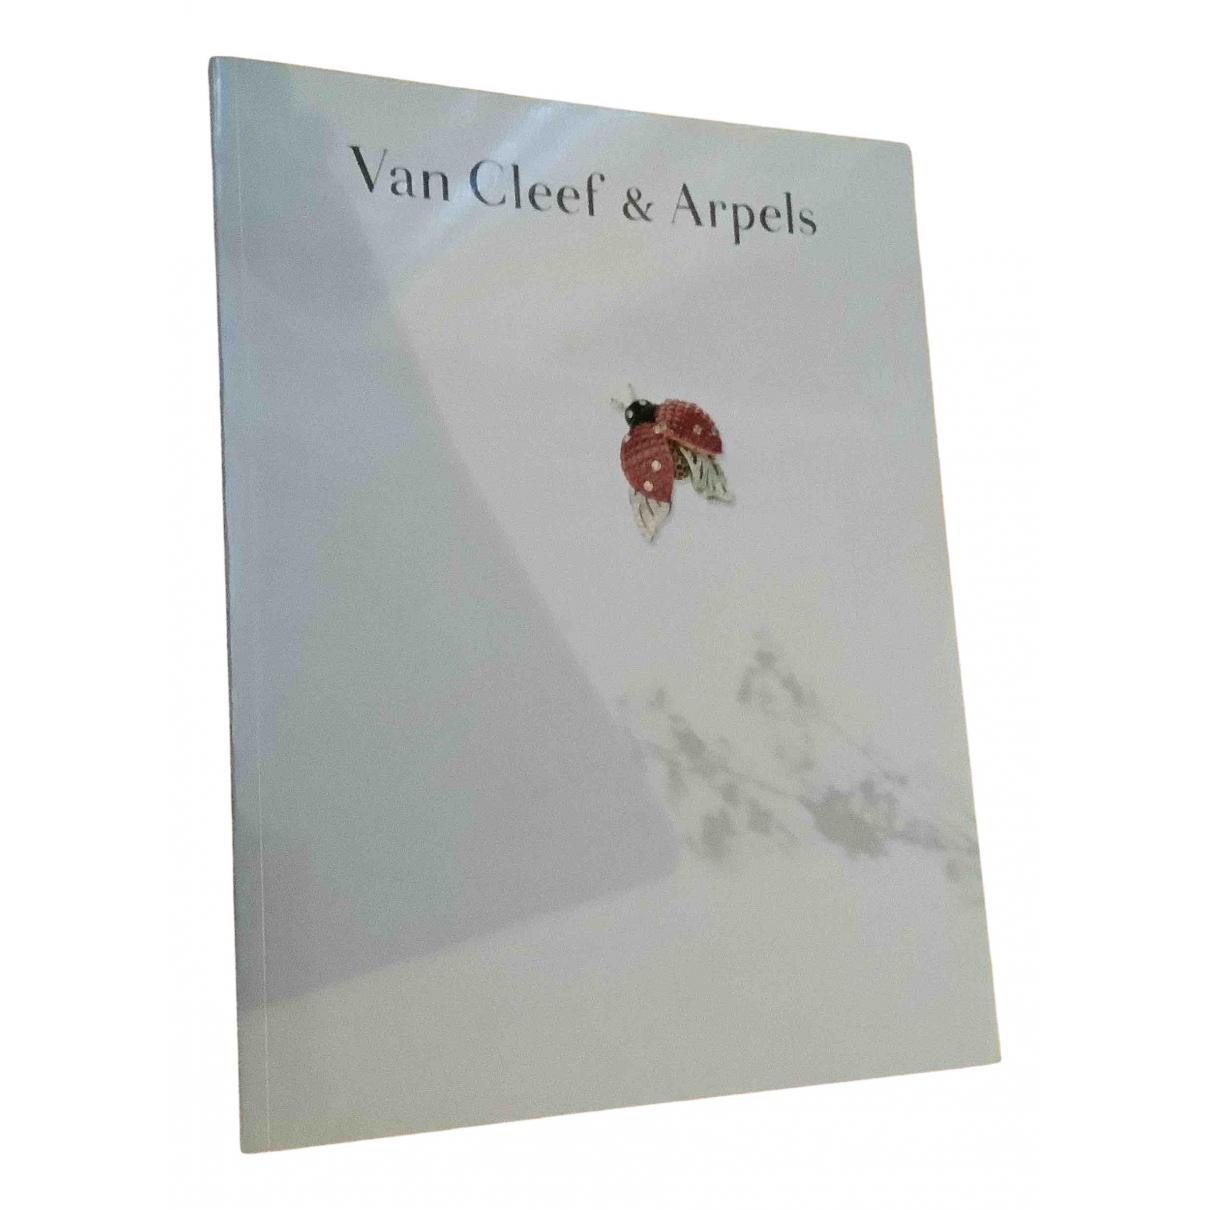 Van Cleef & Arpels - Photographie   pour lifestyle en coton - blanc